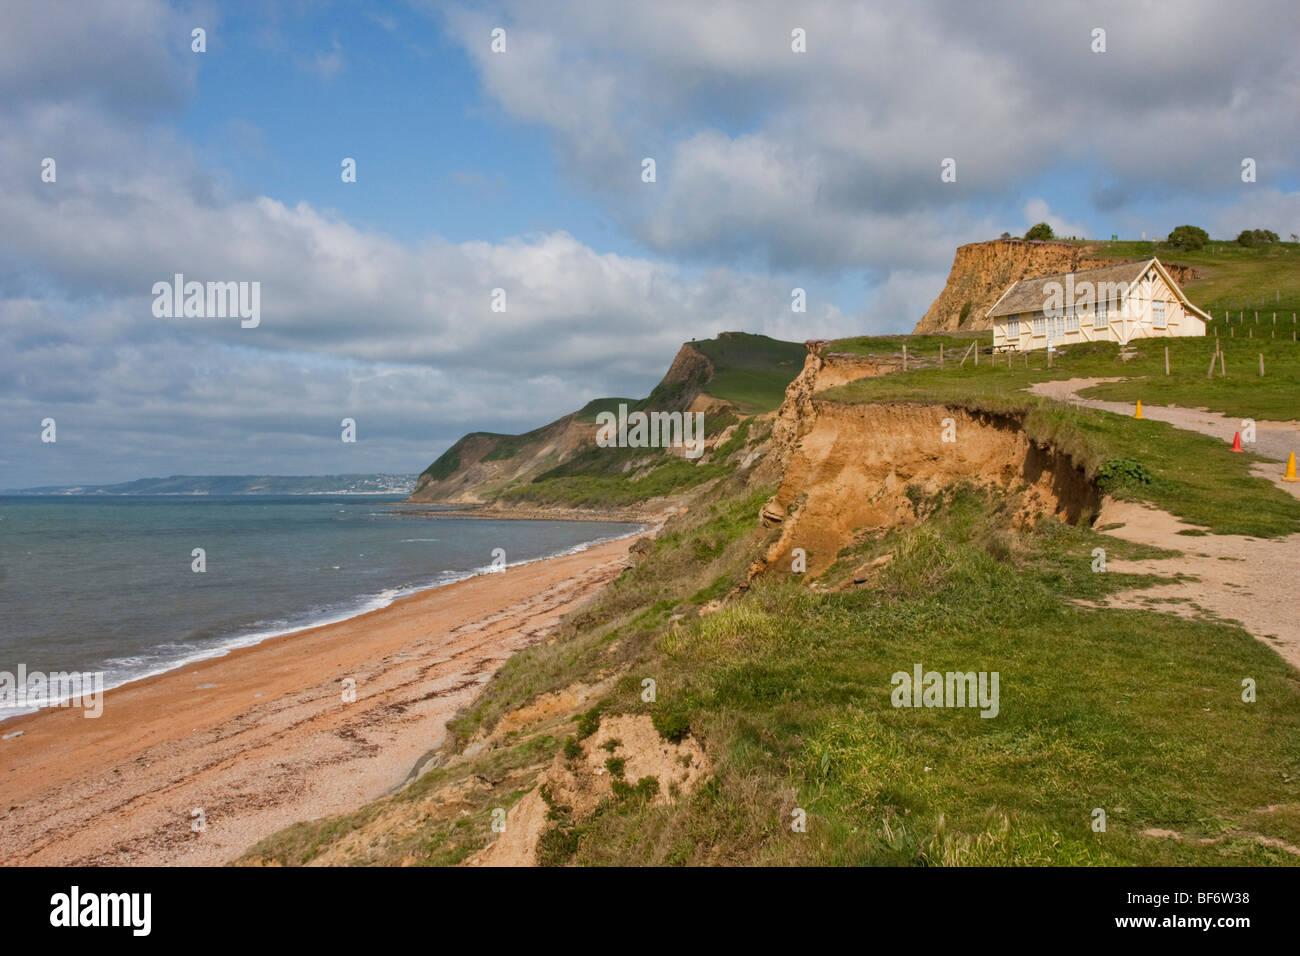 Cote Sud Angleterre chemin de la côte sud-ouest, près de l'eype dans le dorset, en